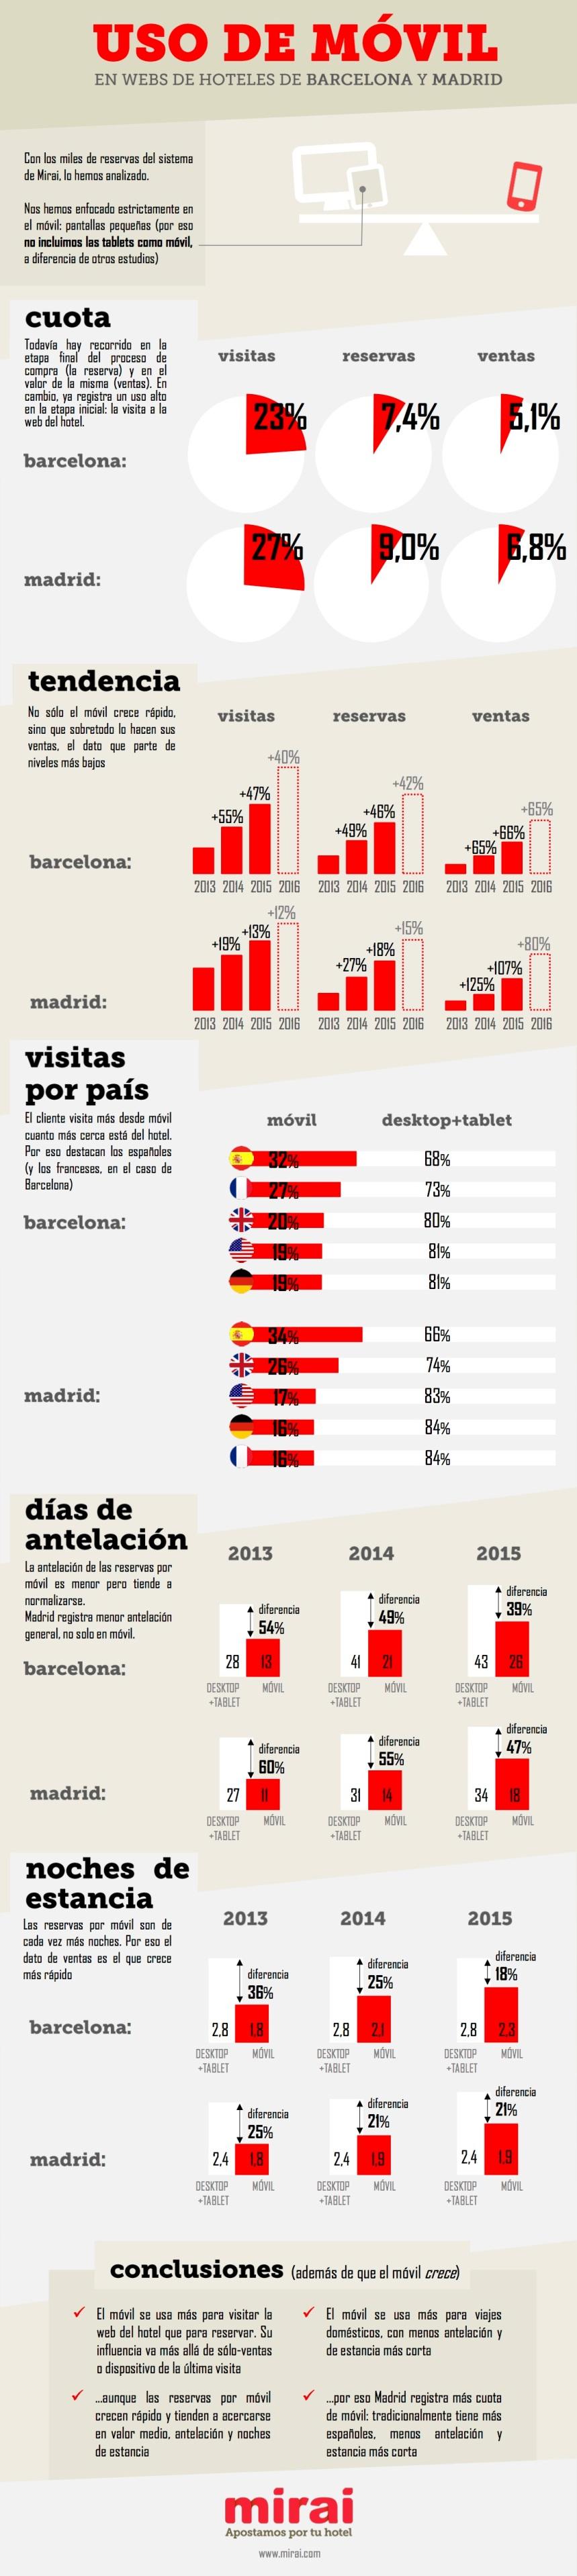 Uso del móvil en Hoteles de Madrid y Barcelona